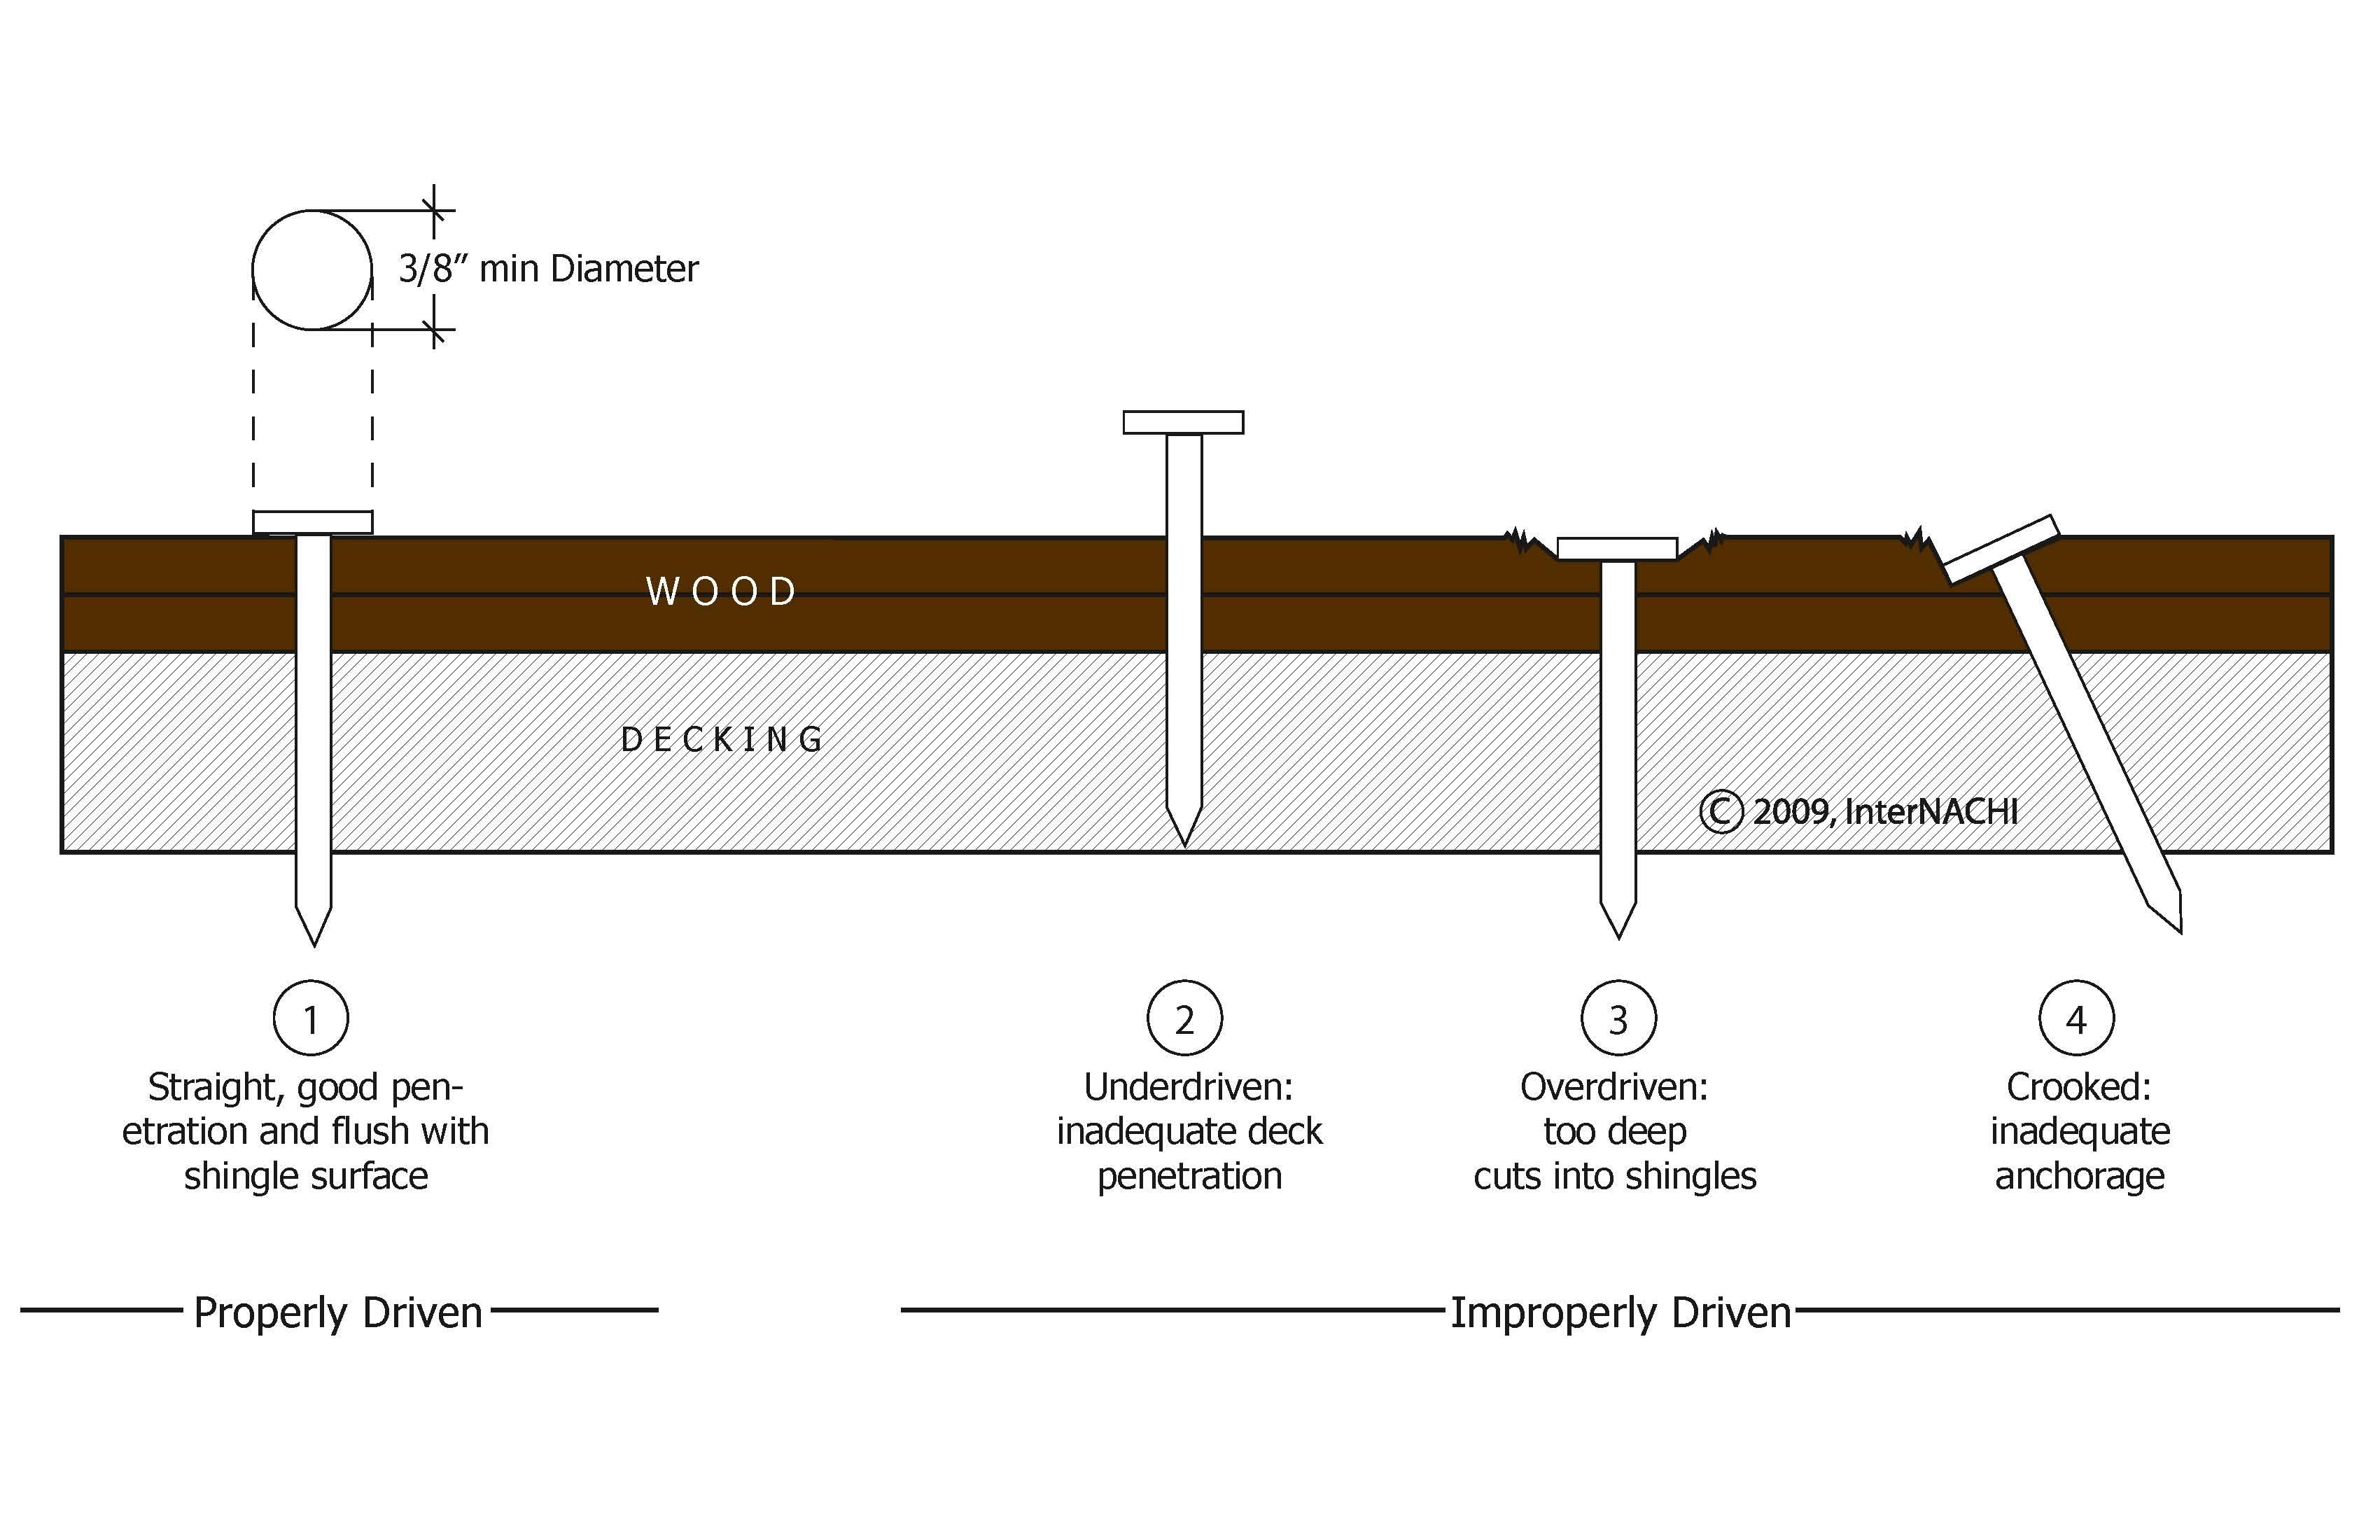 Wood shake nailing diagram.